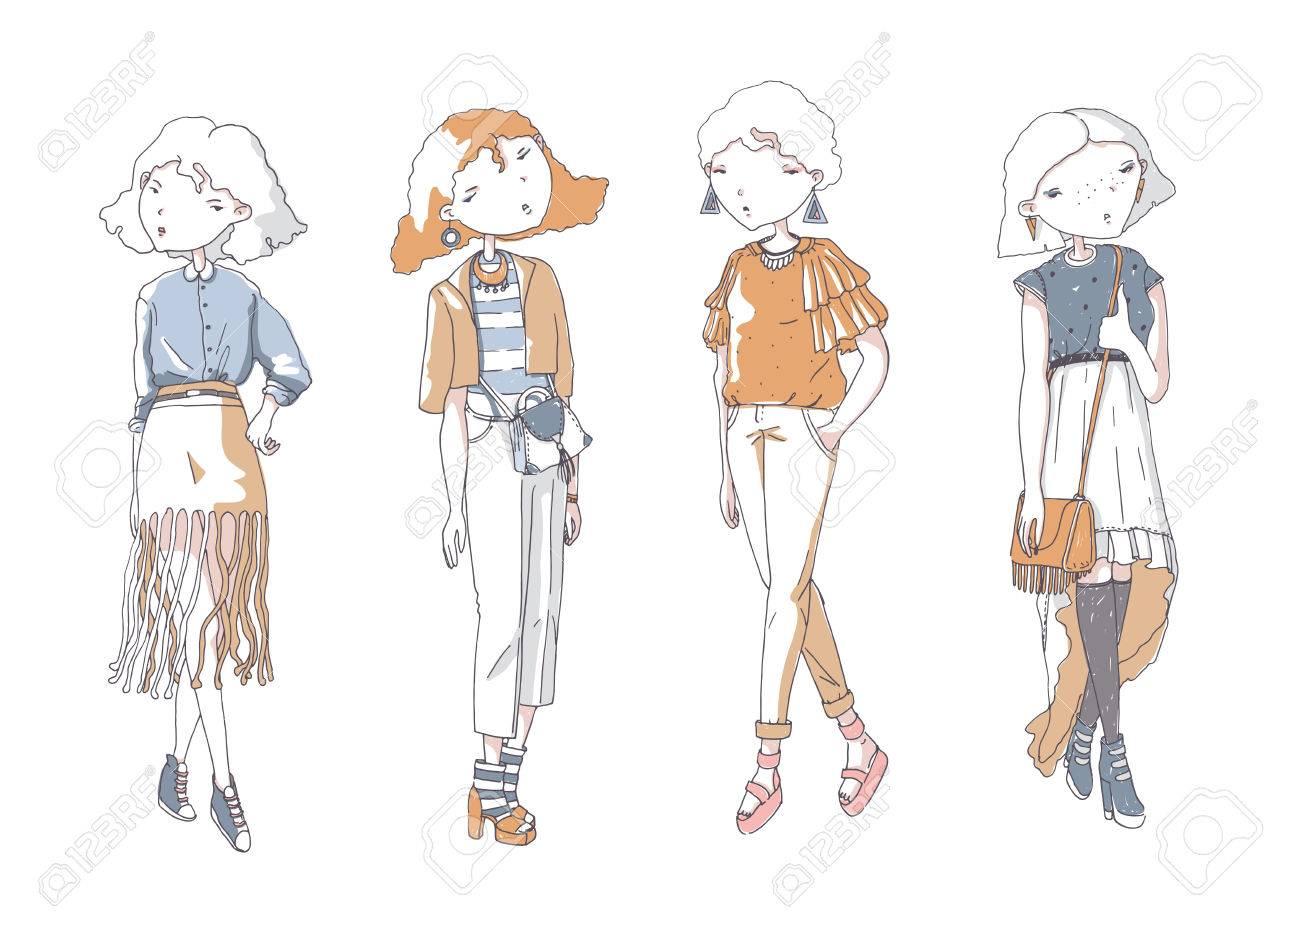 ベクトルのファッションの女の子を設定します。手は、バッグ、靴、カジュアルな服で美しい色の女の子とクリエイティブ  イラストを描いた。落書きスタイルの白いスケッチ上に分離。かわいい女の子の文字。